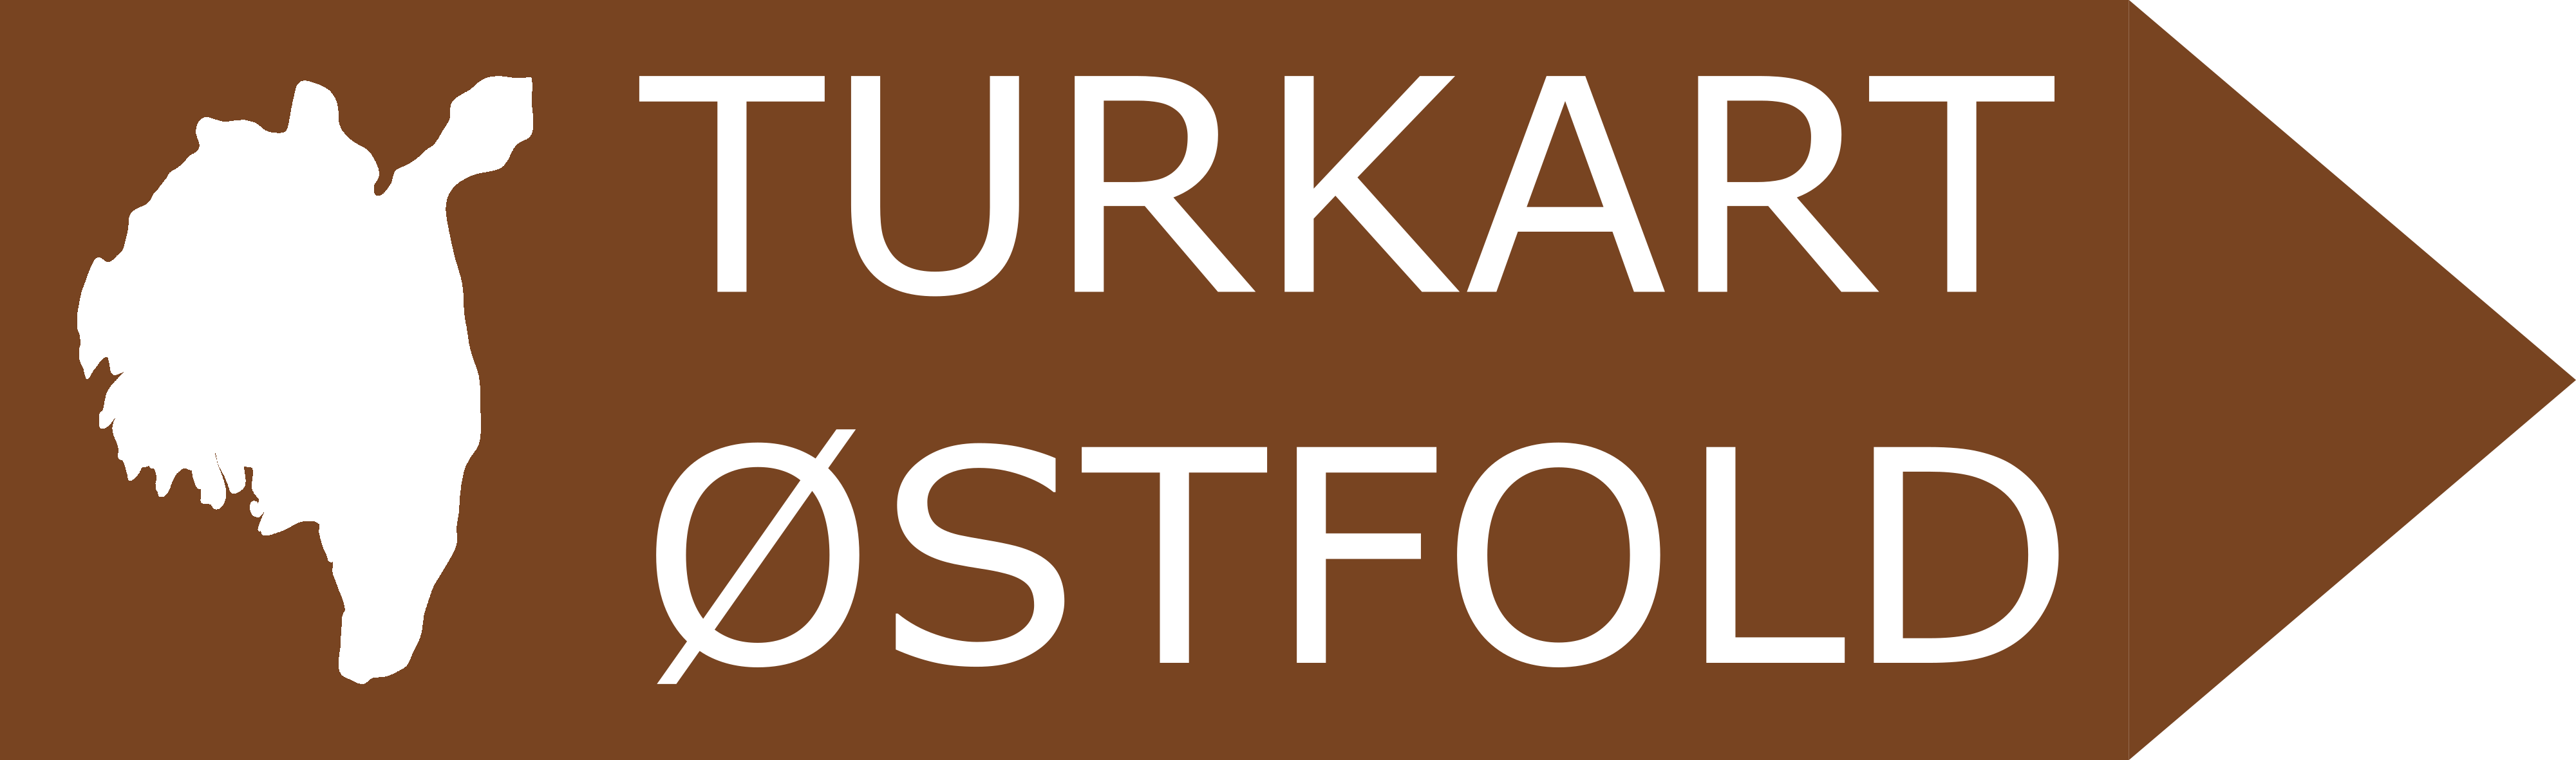 Turkart Østfold Logo.png